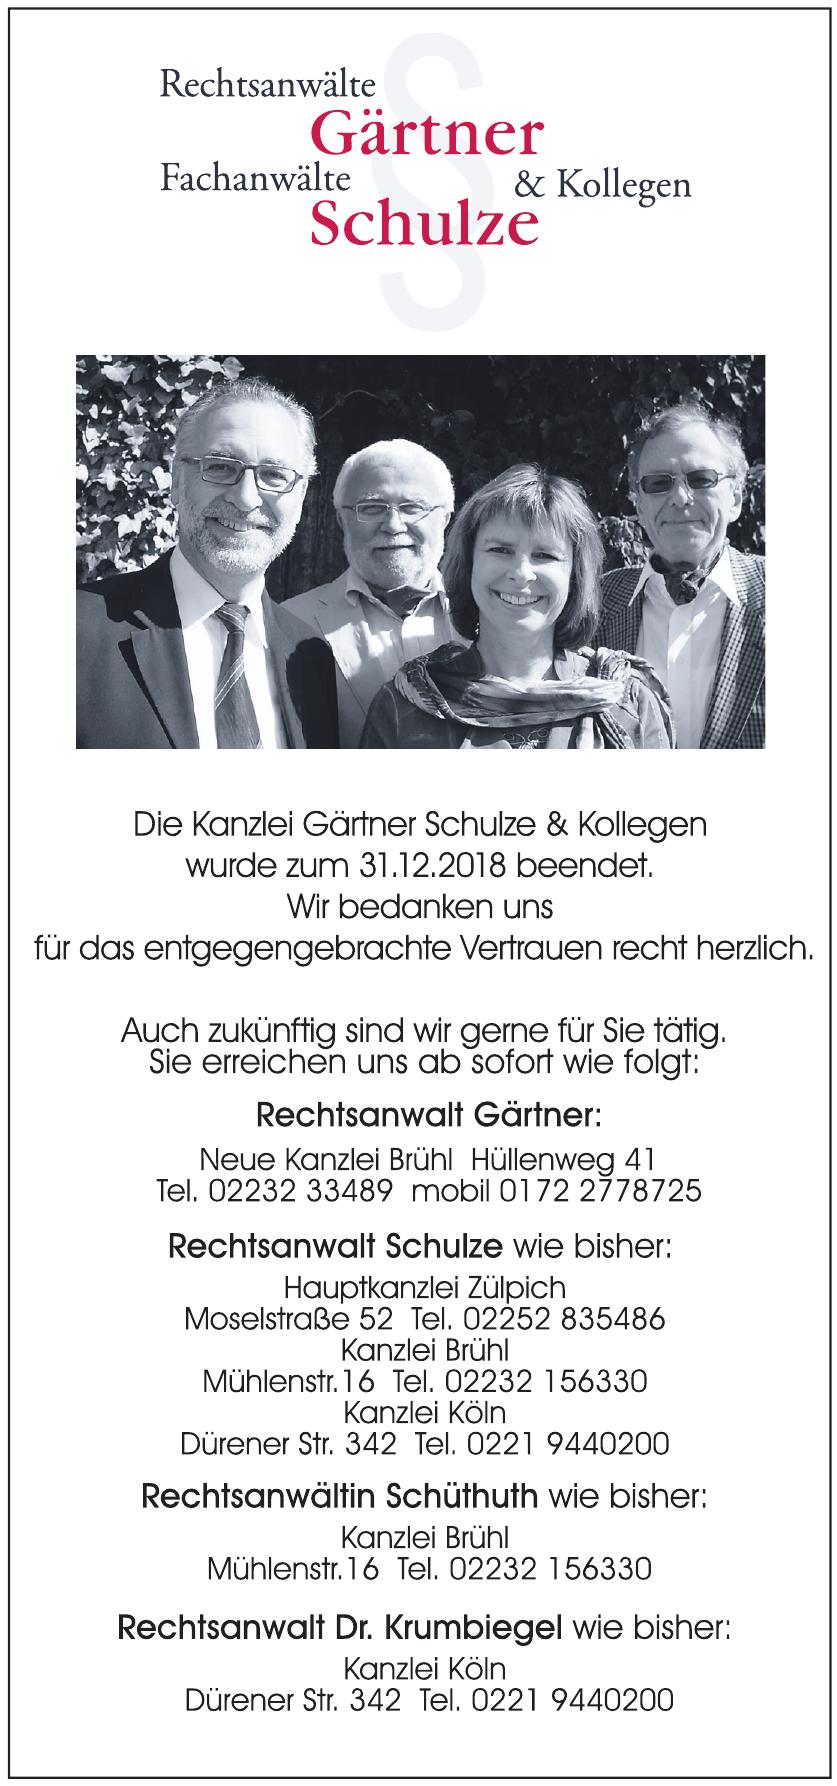 Rechtsanwälte Gärtner, Fachanwälte Schulze und Kollegen